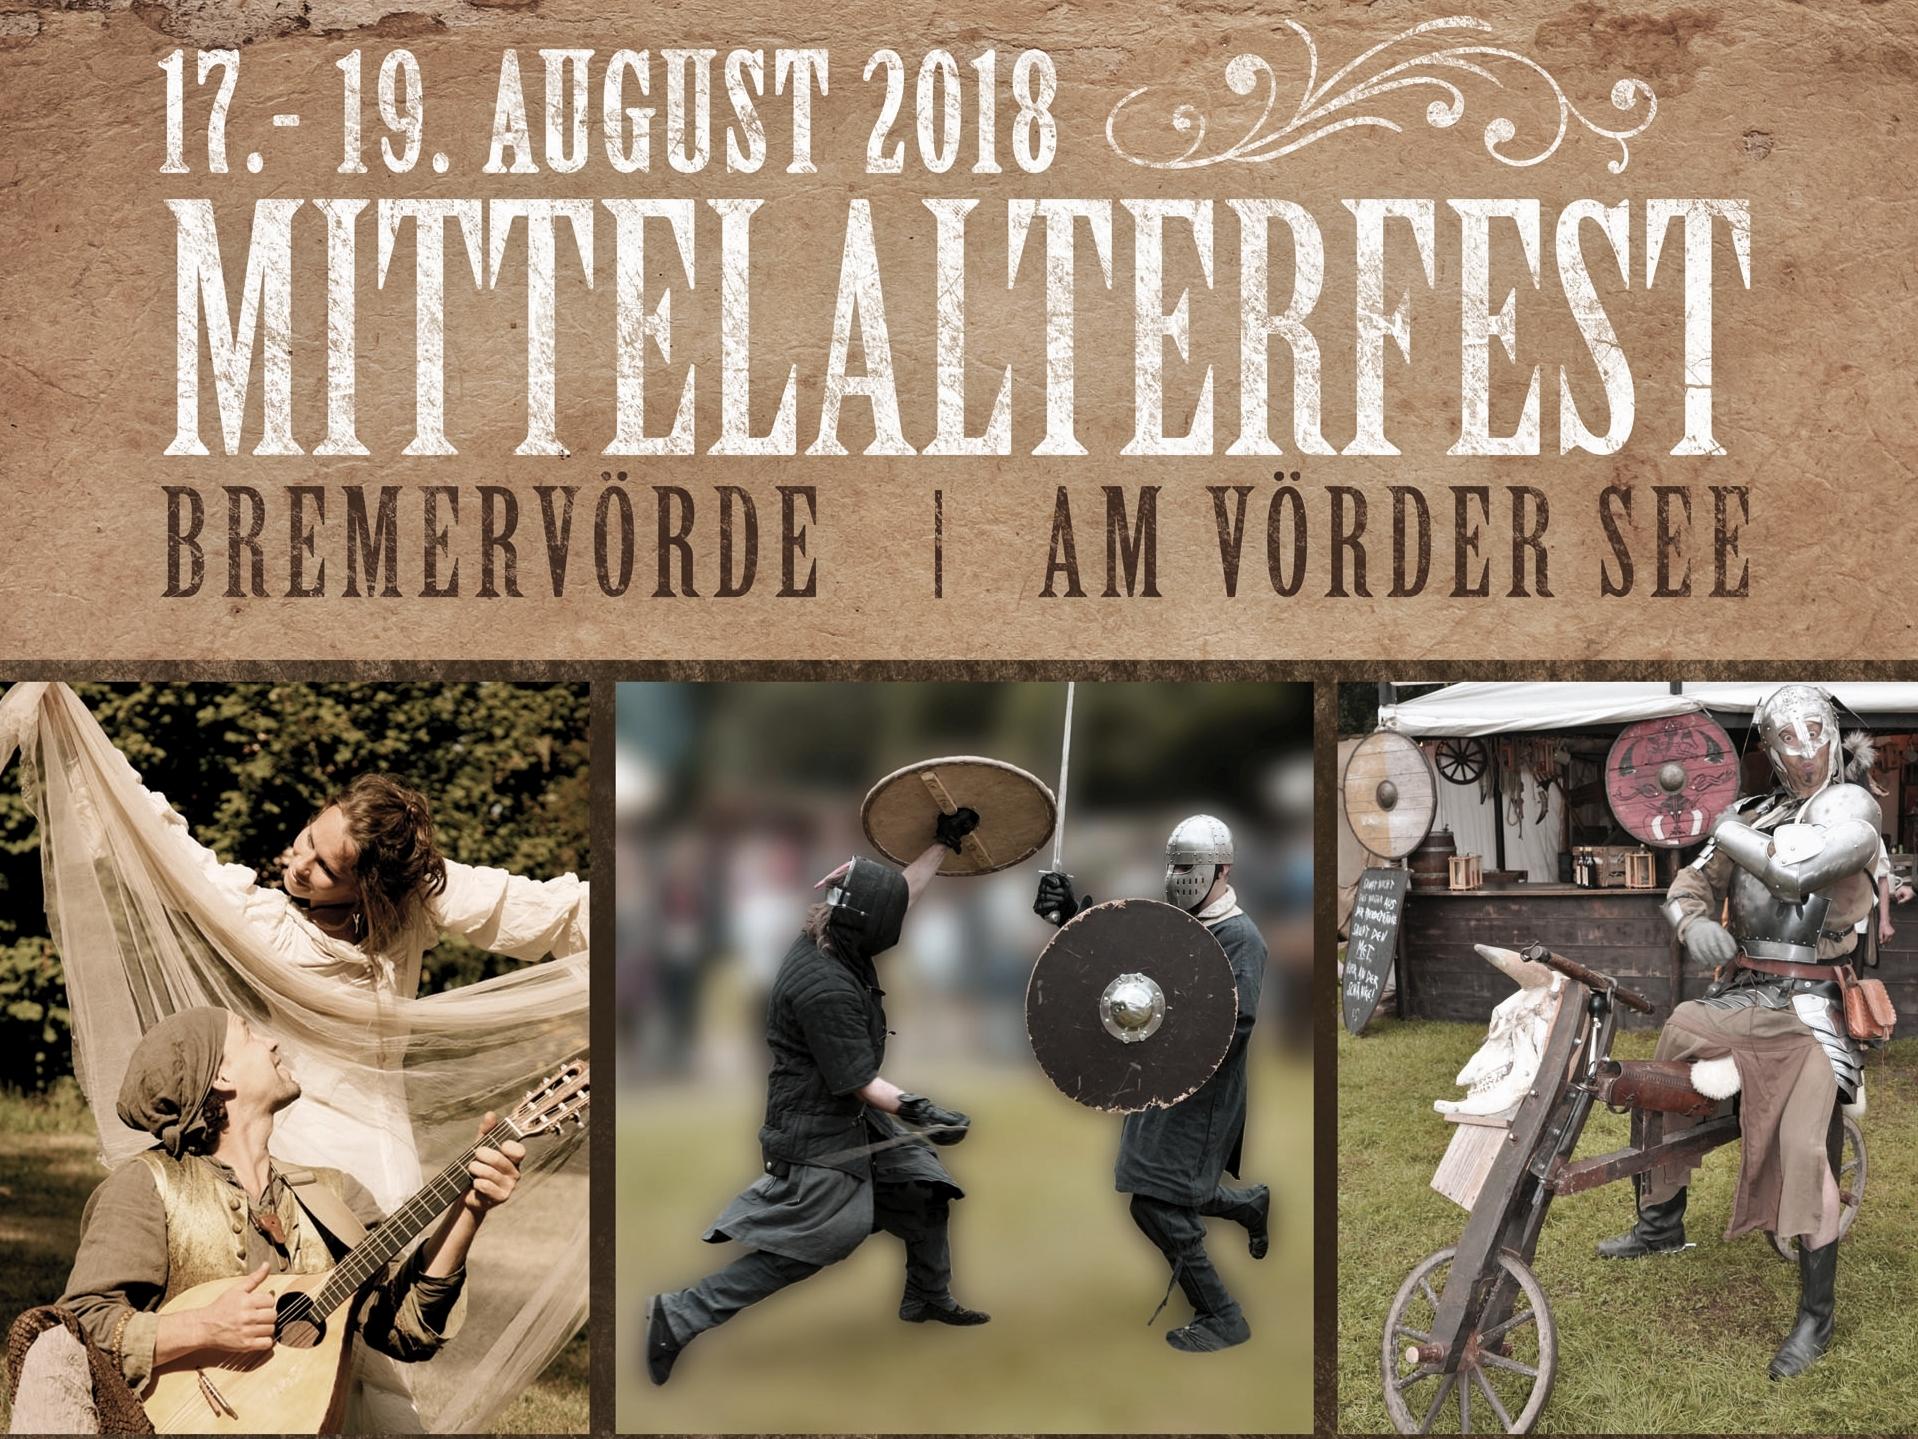 Mittelalterfest am Vörder See in Bremervörde, Fest, 19.08.2018, Vörder See - Copyright Natur- und Erlebnispark Bremervörde GmbH